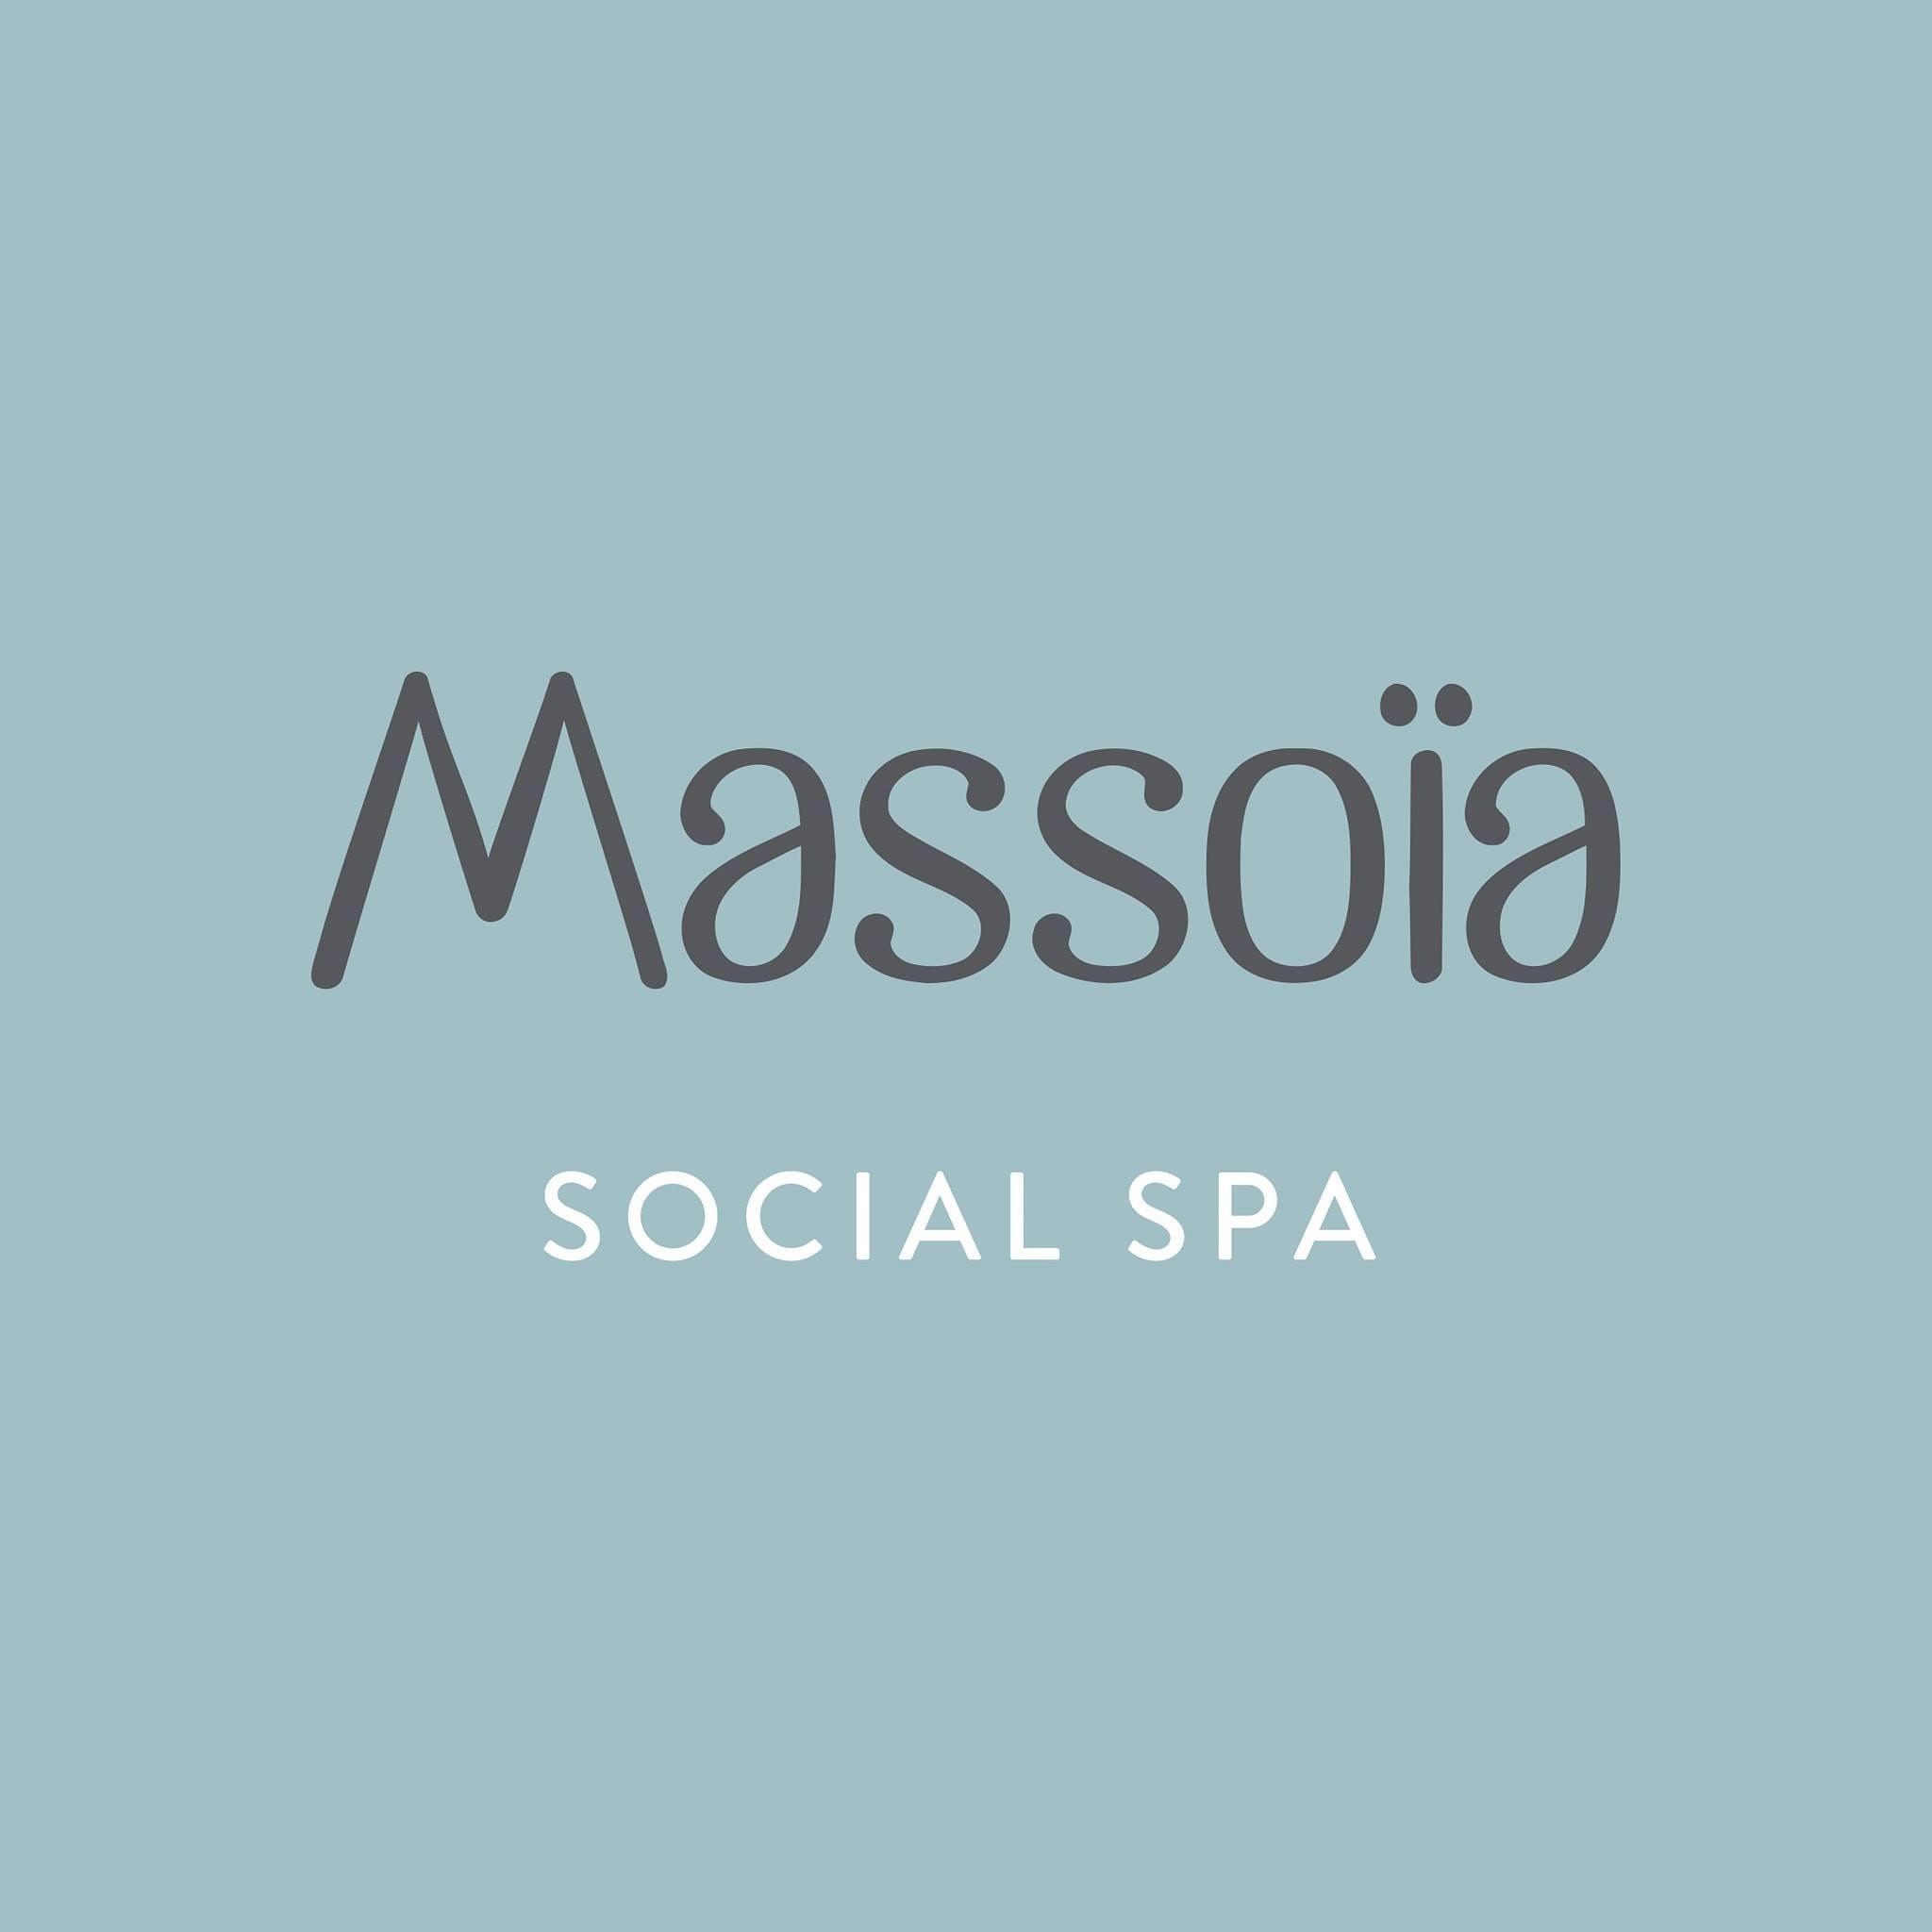 Massoia Social Spa